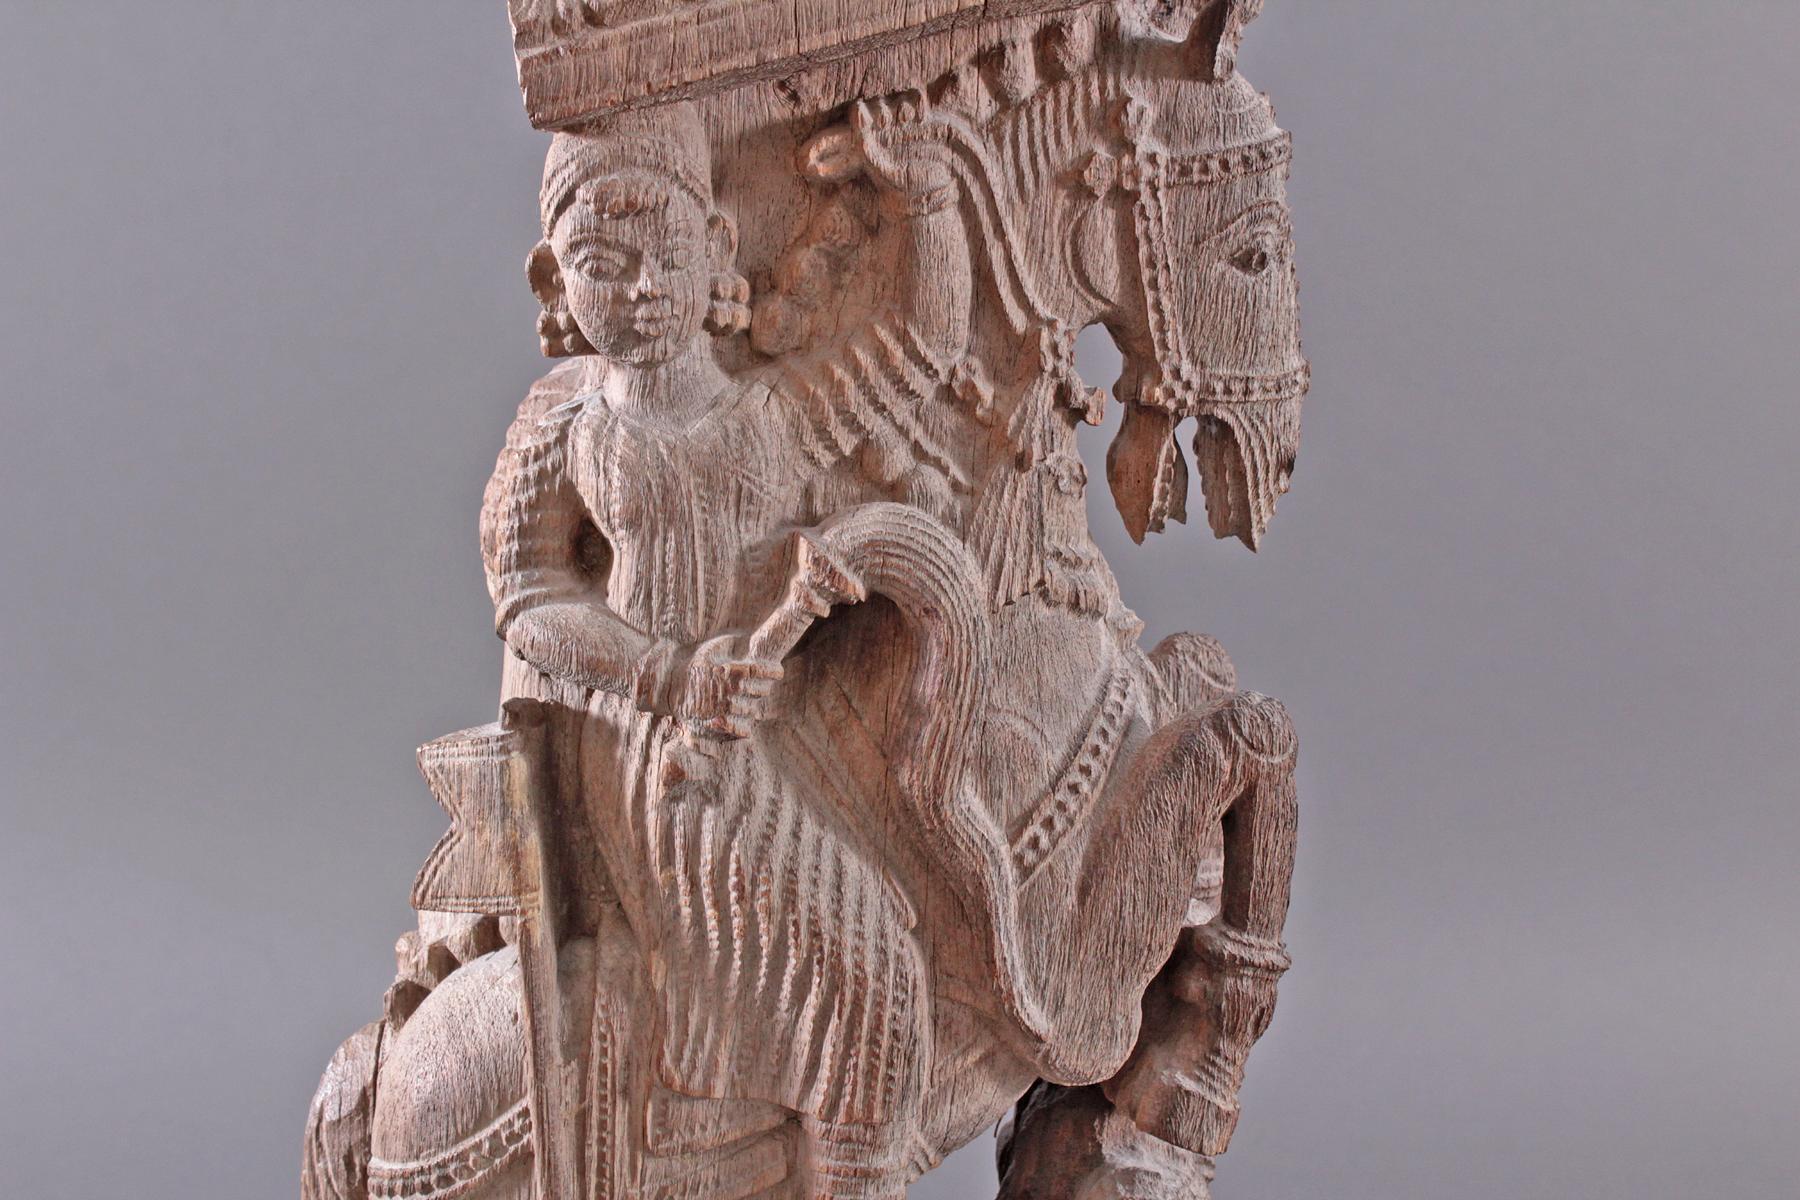 Holzplastik eines Reiters auf einem Pferd, Indien wohl Orissa 15./16. Jh.-5